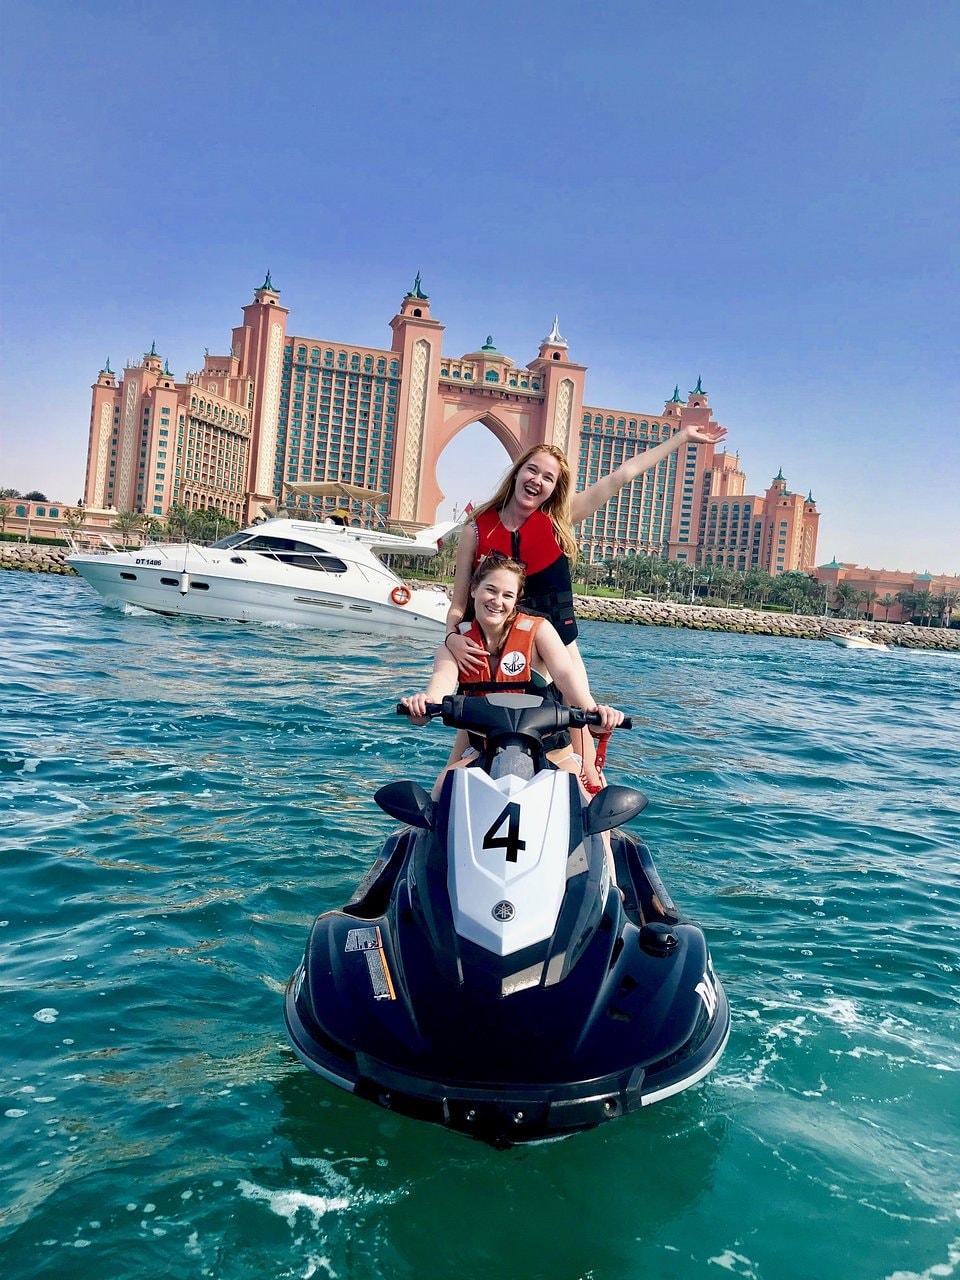 אופנוע ים על רקע מלון אטלנטיס